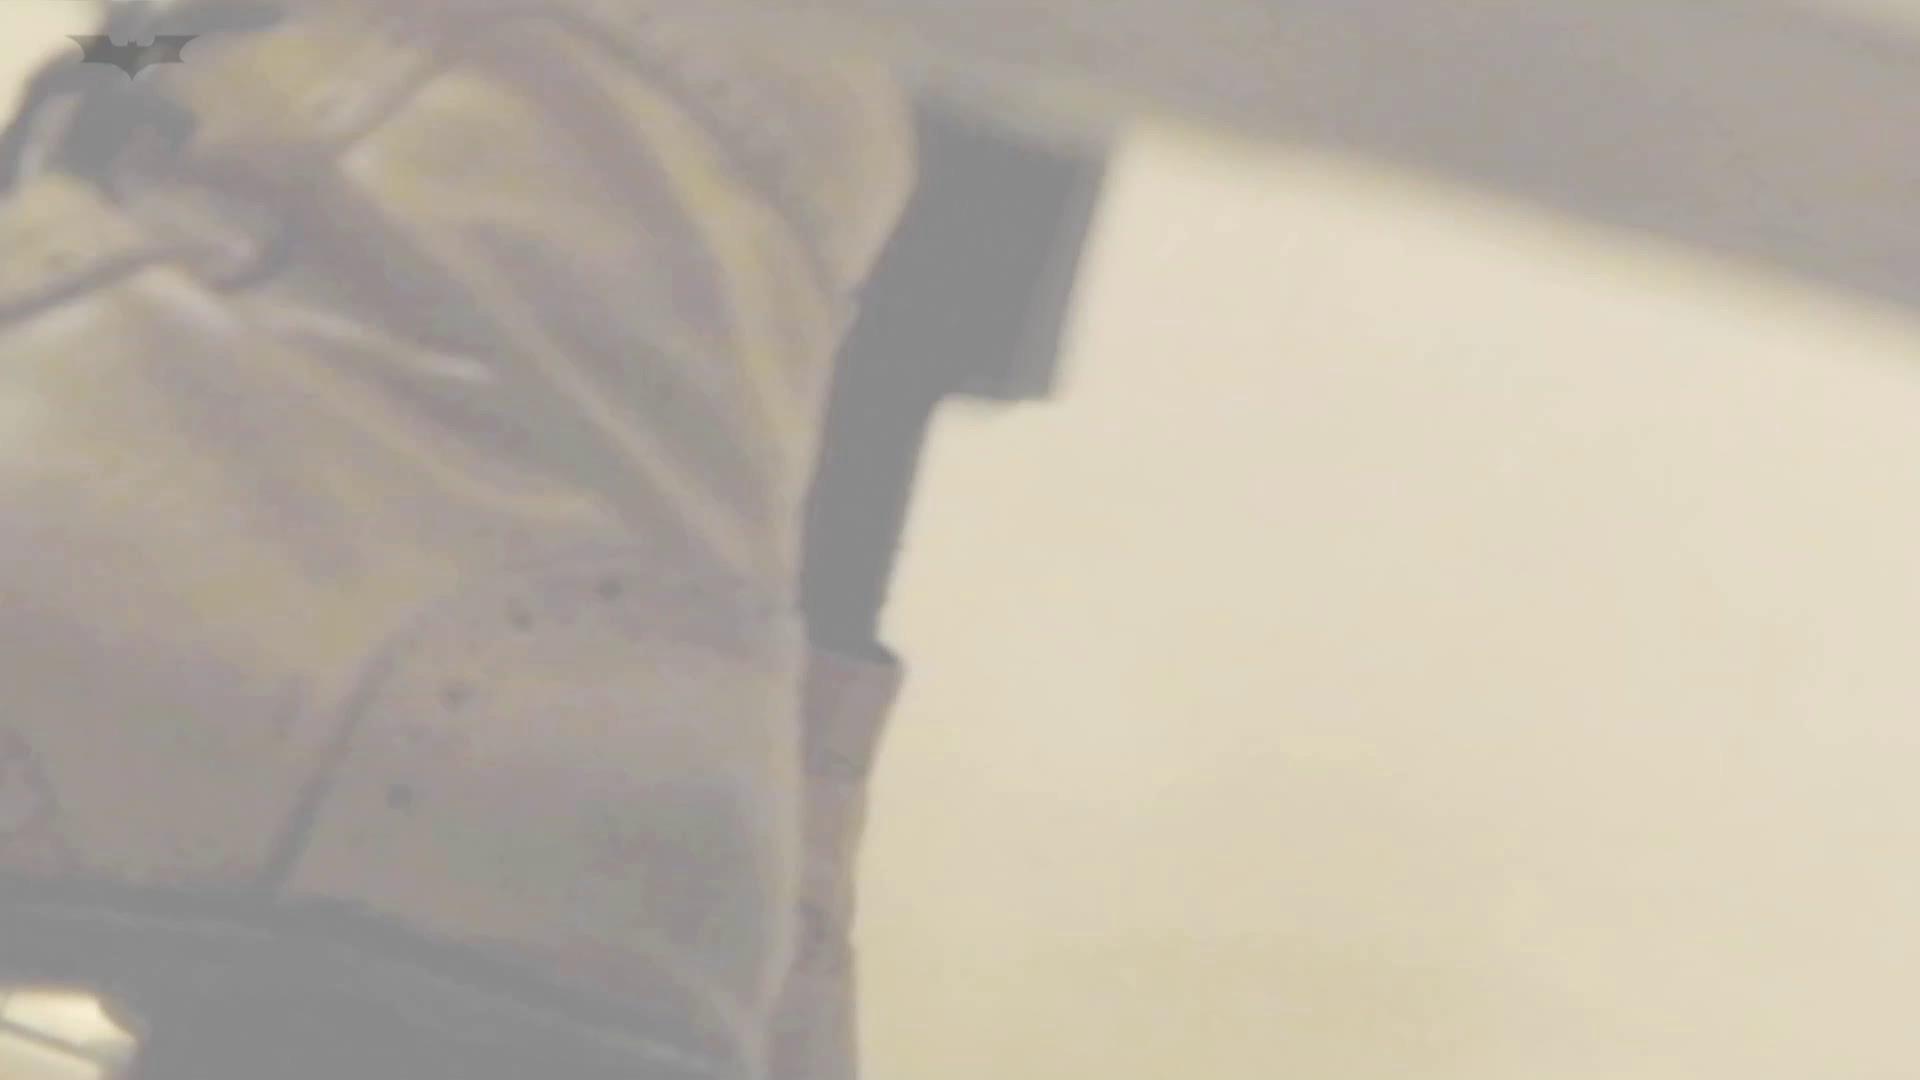 セックスアダルト動画|新世界の射窓 No74ゆきりん潜入活動の中こんな三穴からの噴射は初めてです。|怪盗ジョーカー